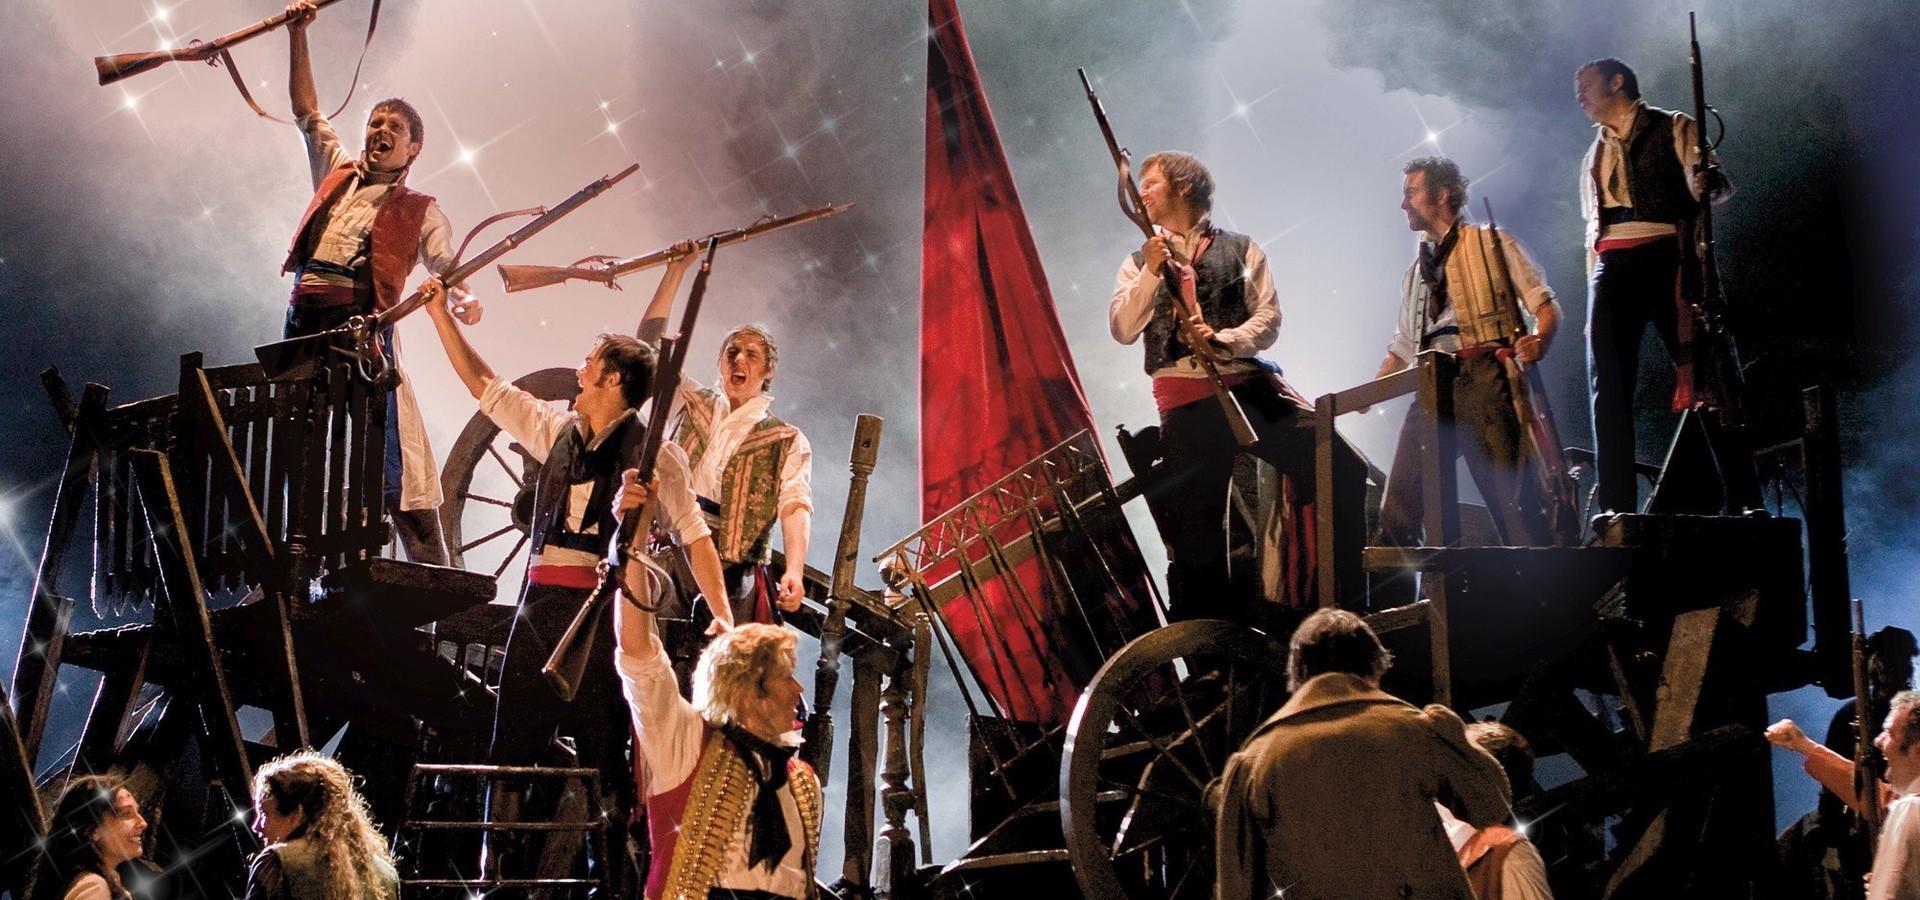 Les Misérables: The 25th Anniversary Concert